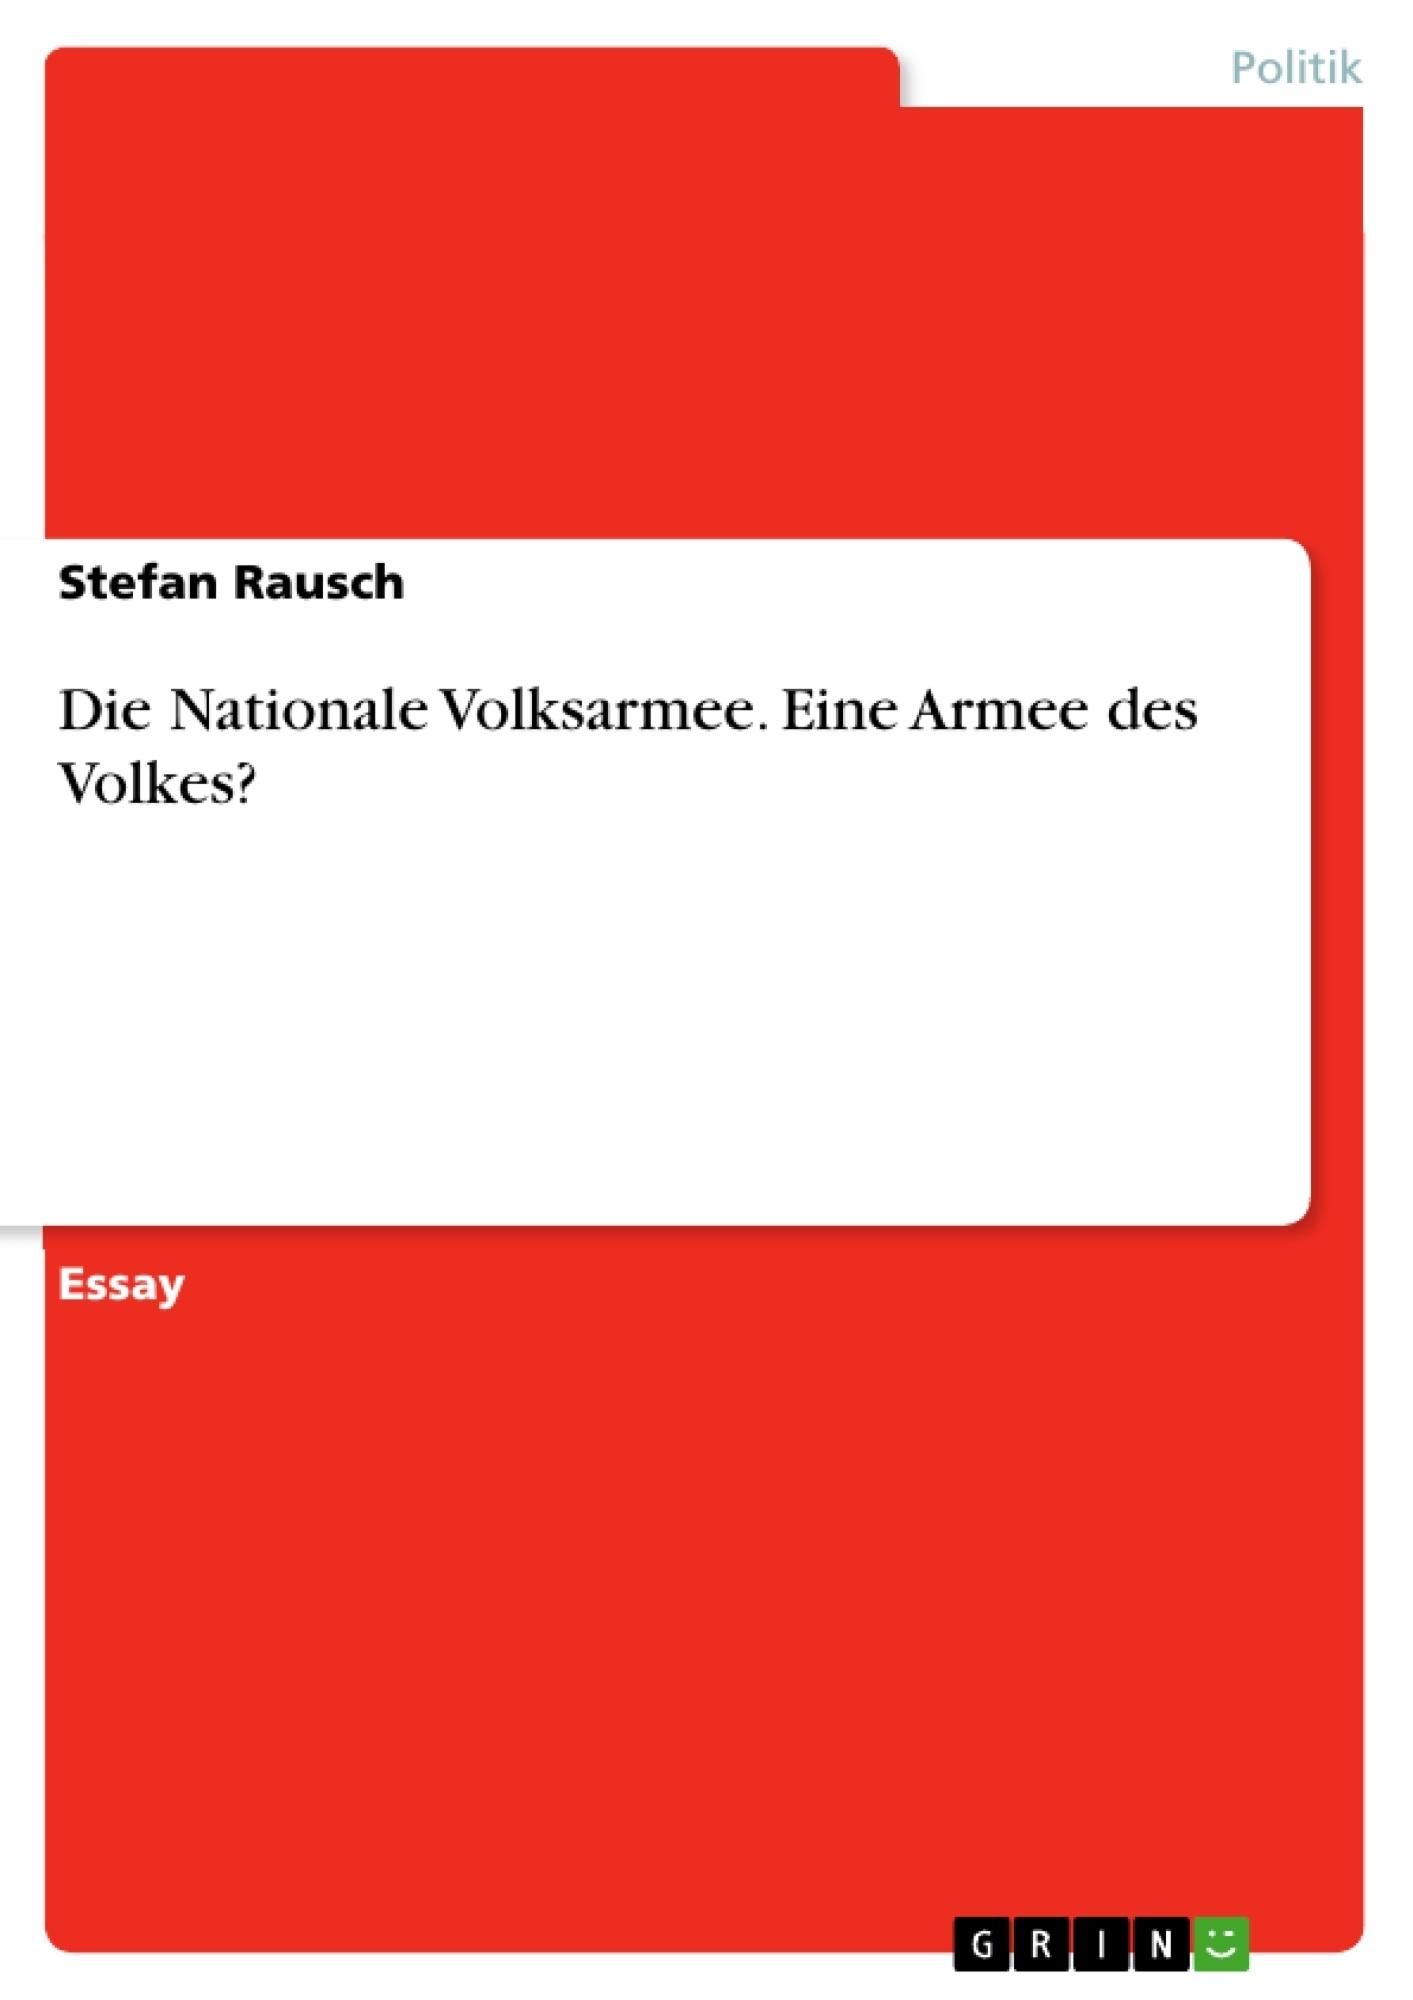 Titel: Die Nationale Volksarmee. Eine Armee des Volkes?